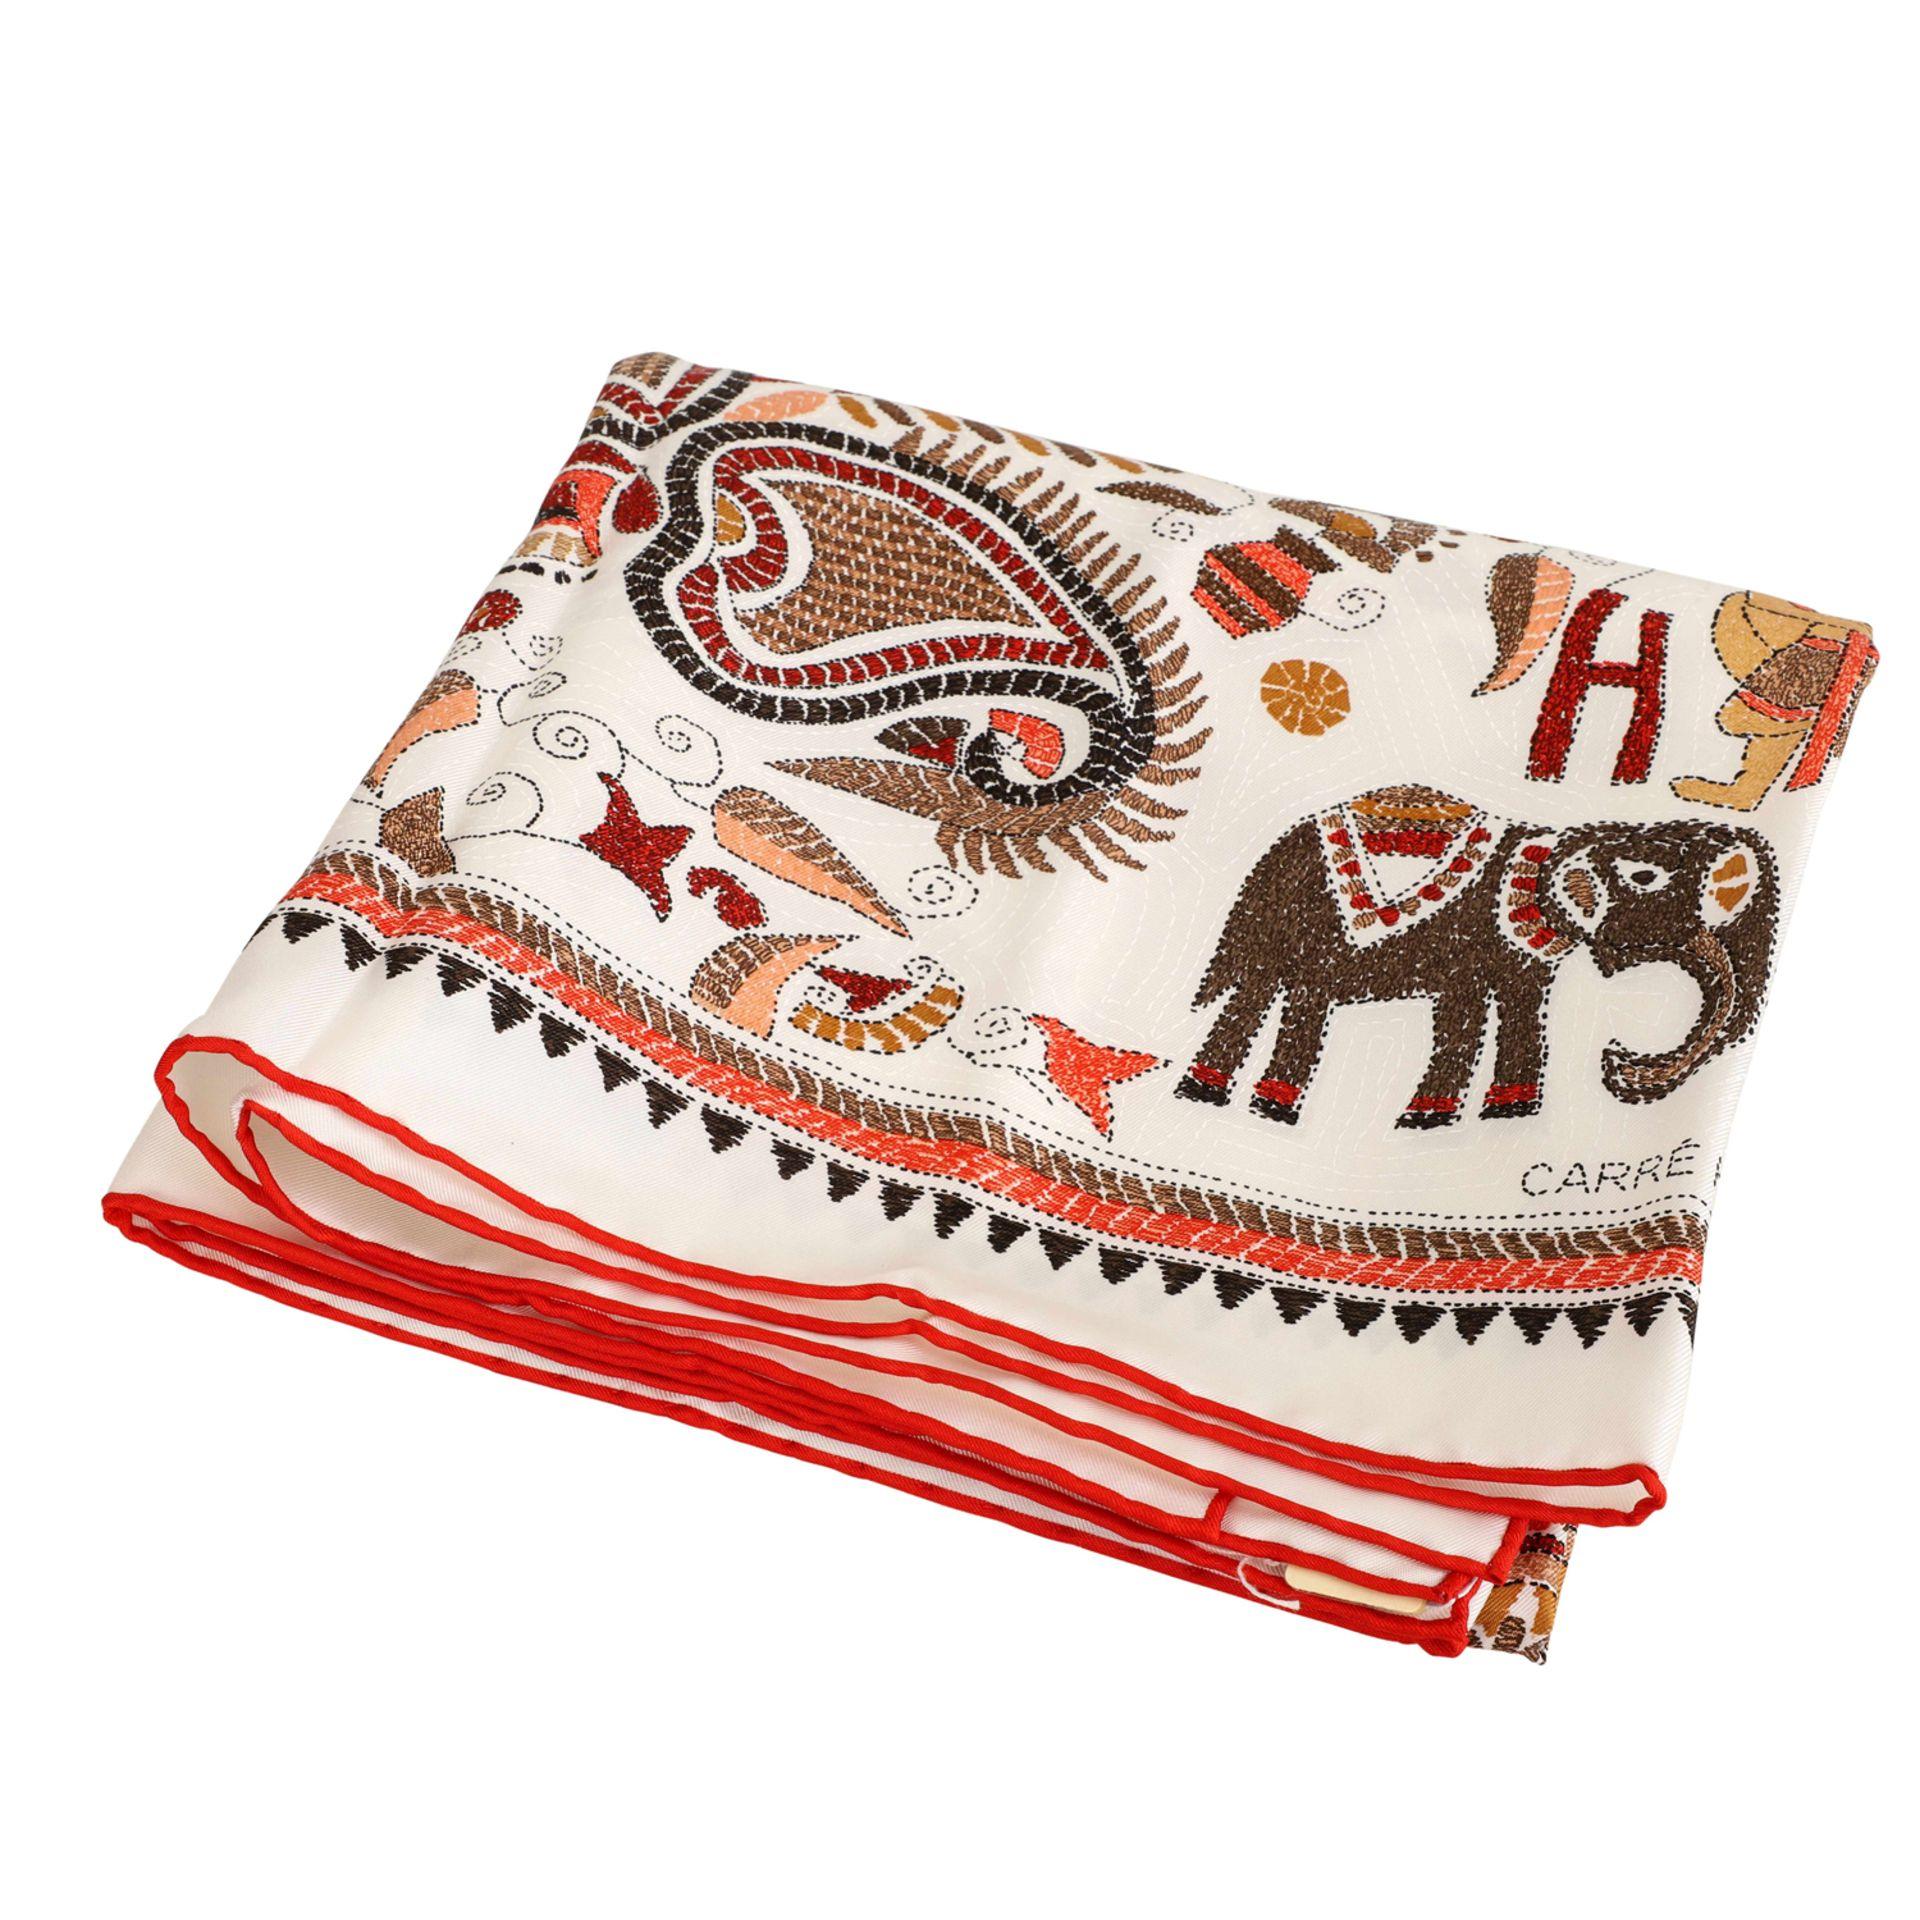 """HERMÈS Seidencarré """"CARRÉ KANTHA"""",inspiriert von traditionellen, indischen Mustern, Entwurf von - Bild 2 aus 2"""